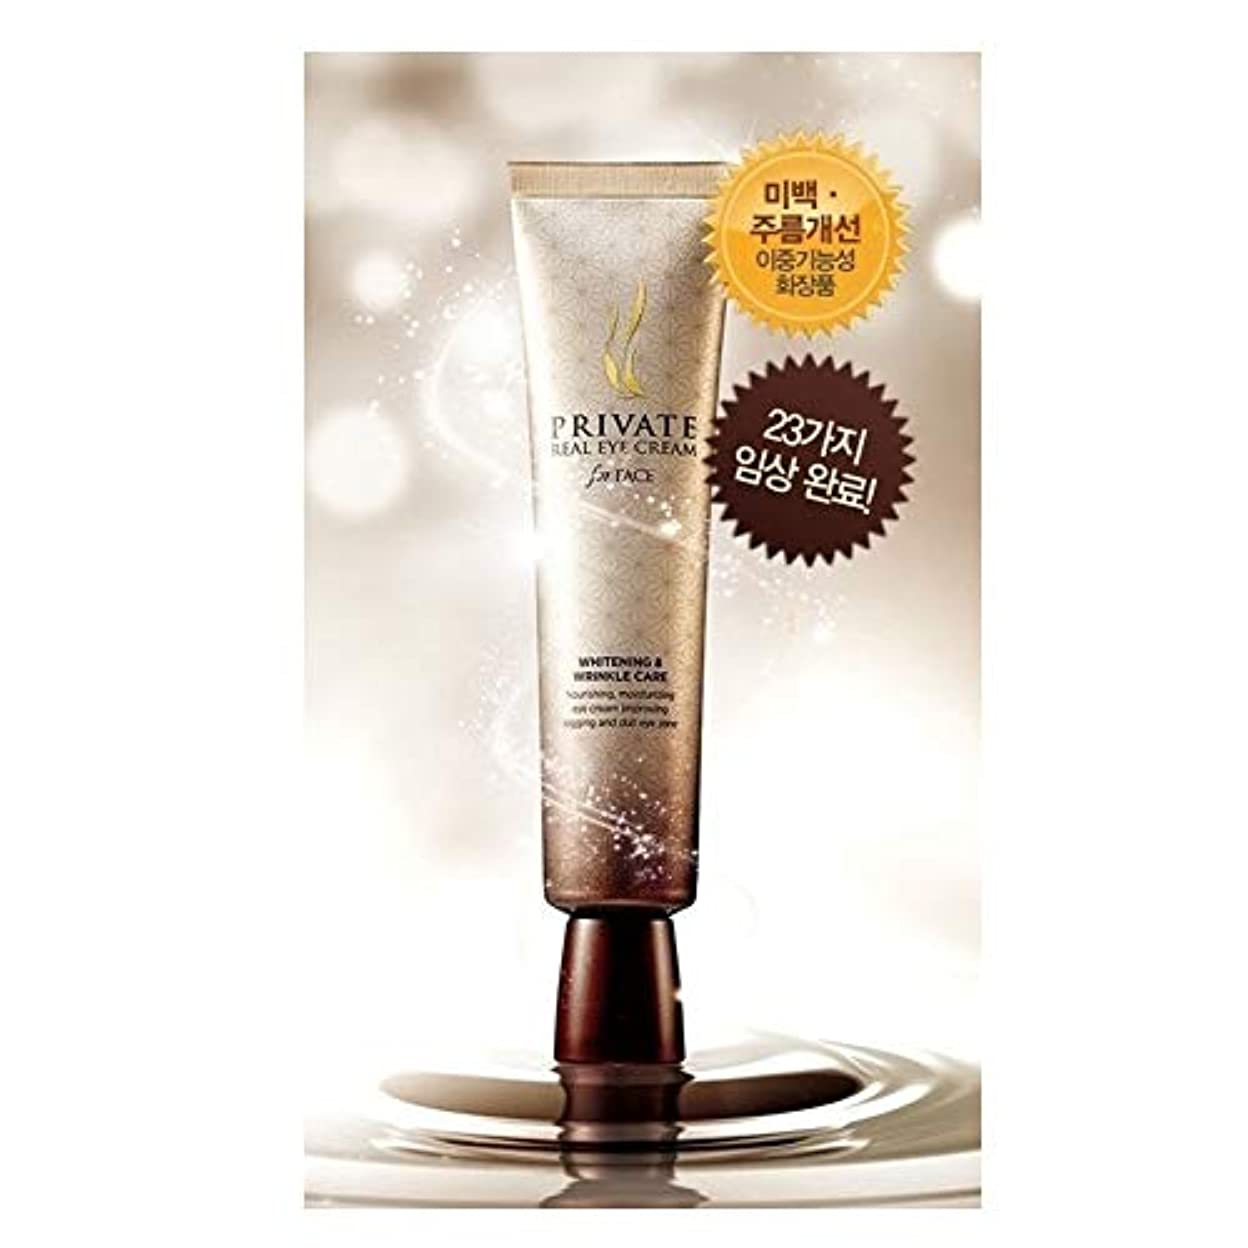 ペース聞く接触AHCブラックキャビアスキンケアセットトナーローションクリームアイクリームアンプル、AHC Black Caviar Skincare Set Toner Lotion Cream Eye Cream Ampoule [...